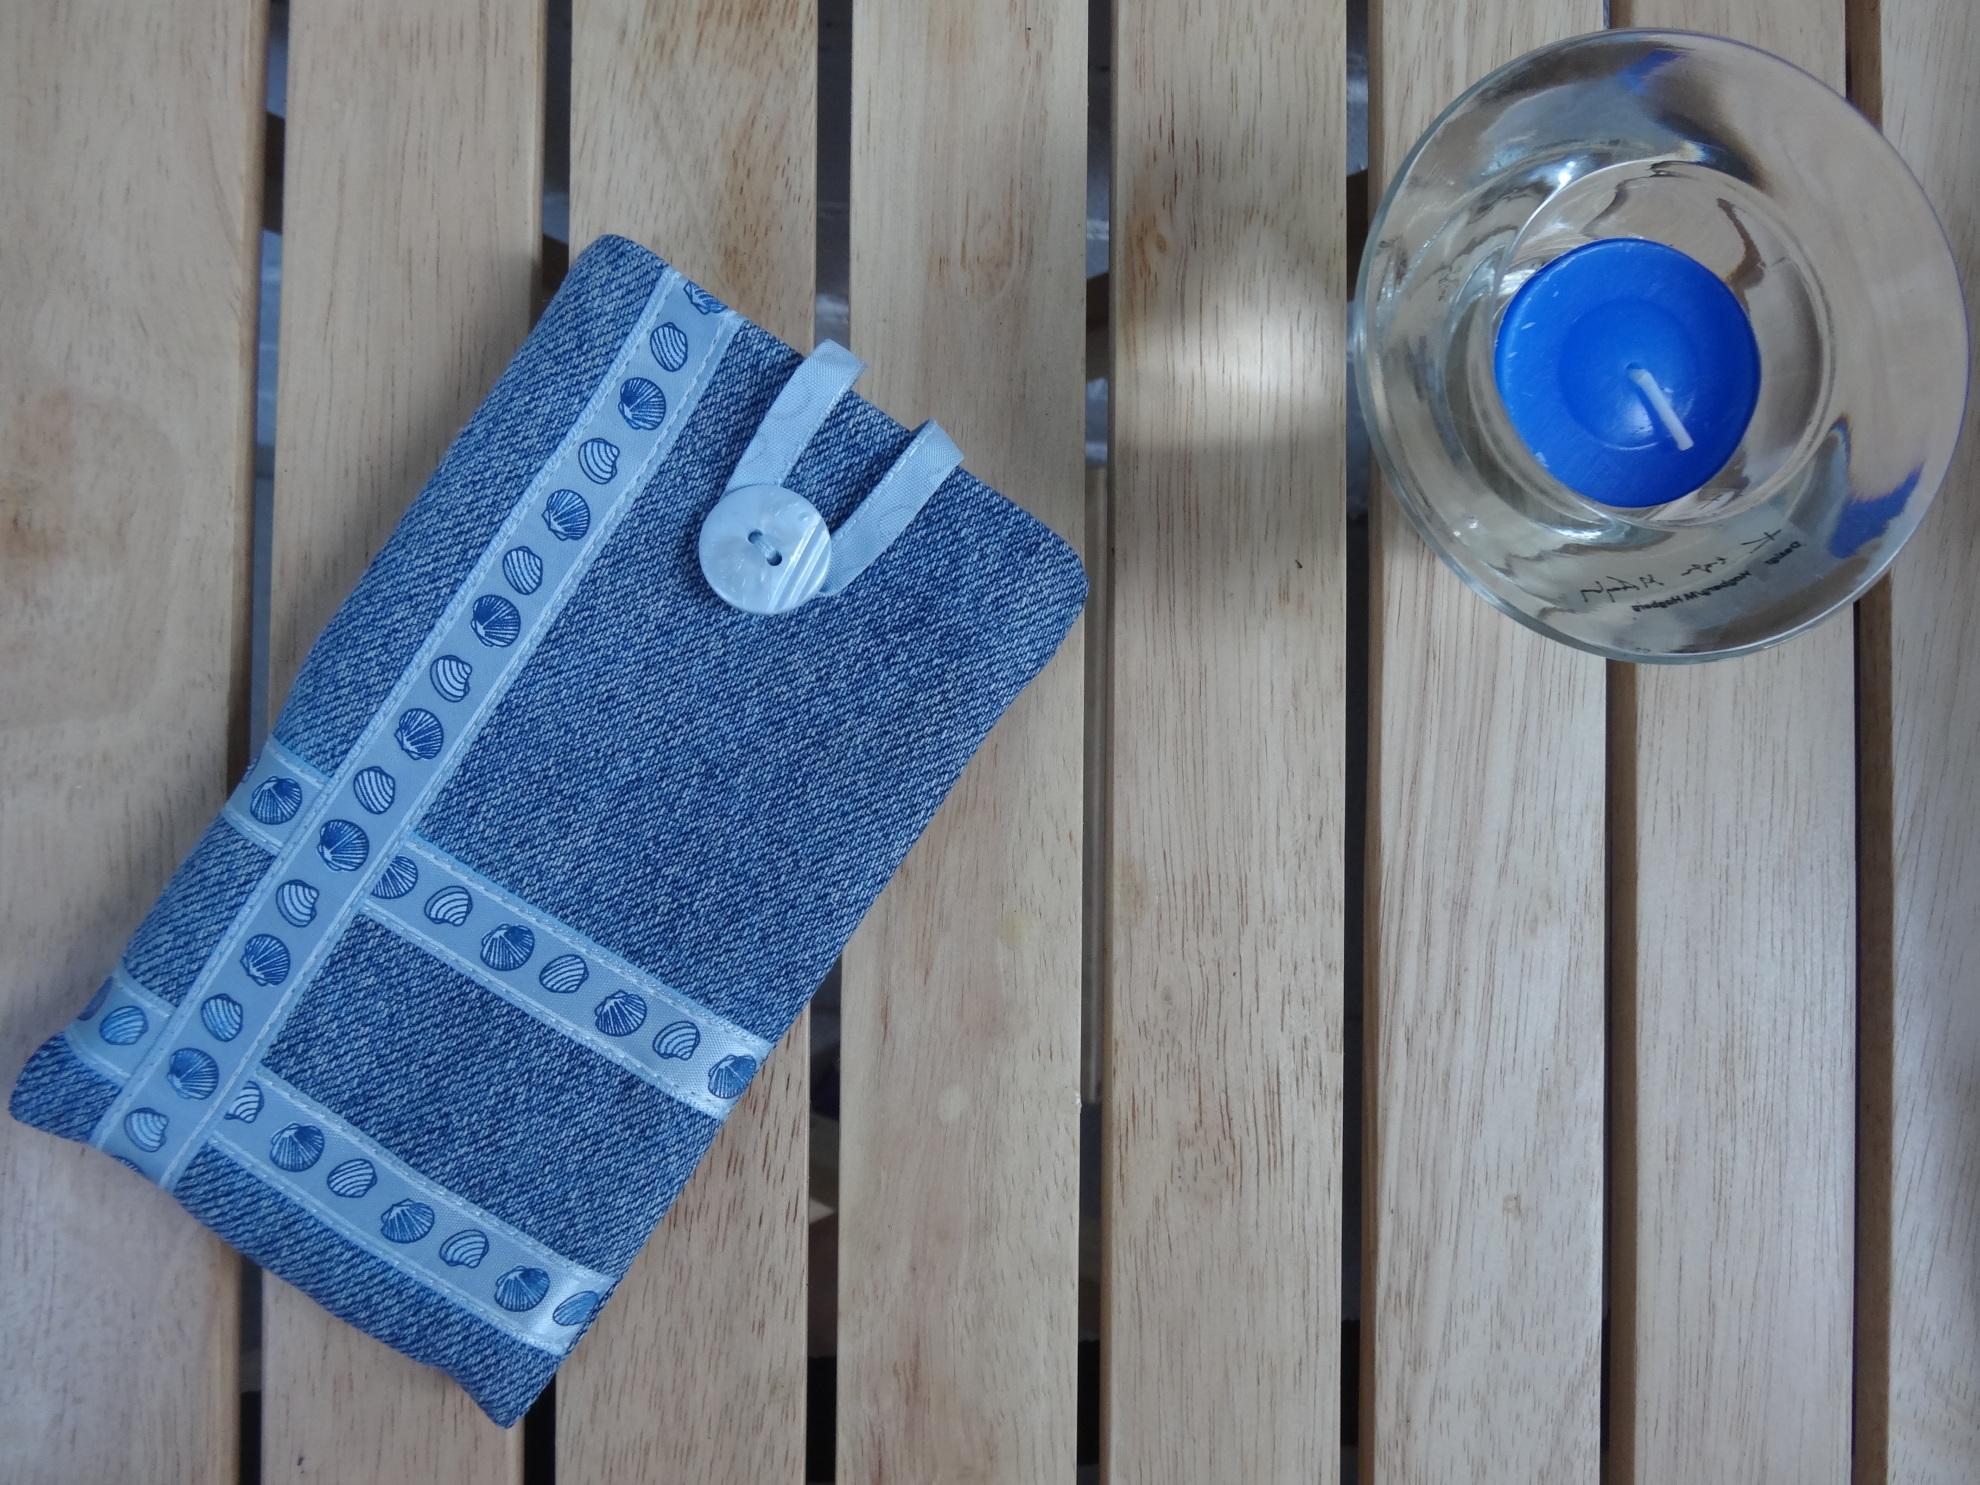 Чехол из джинсы для телефона своими руками фото